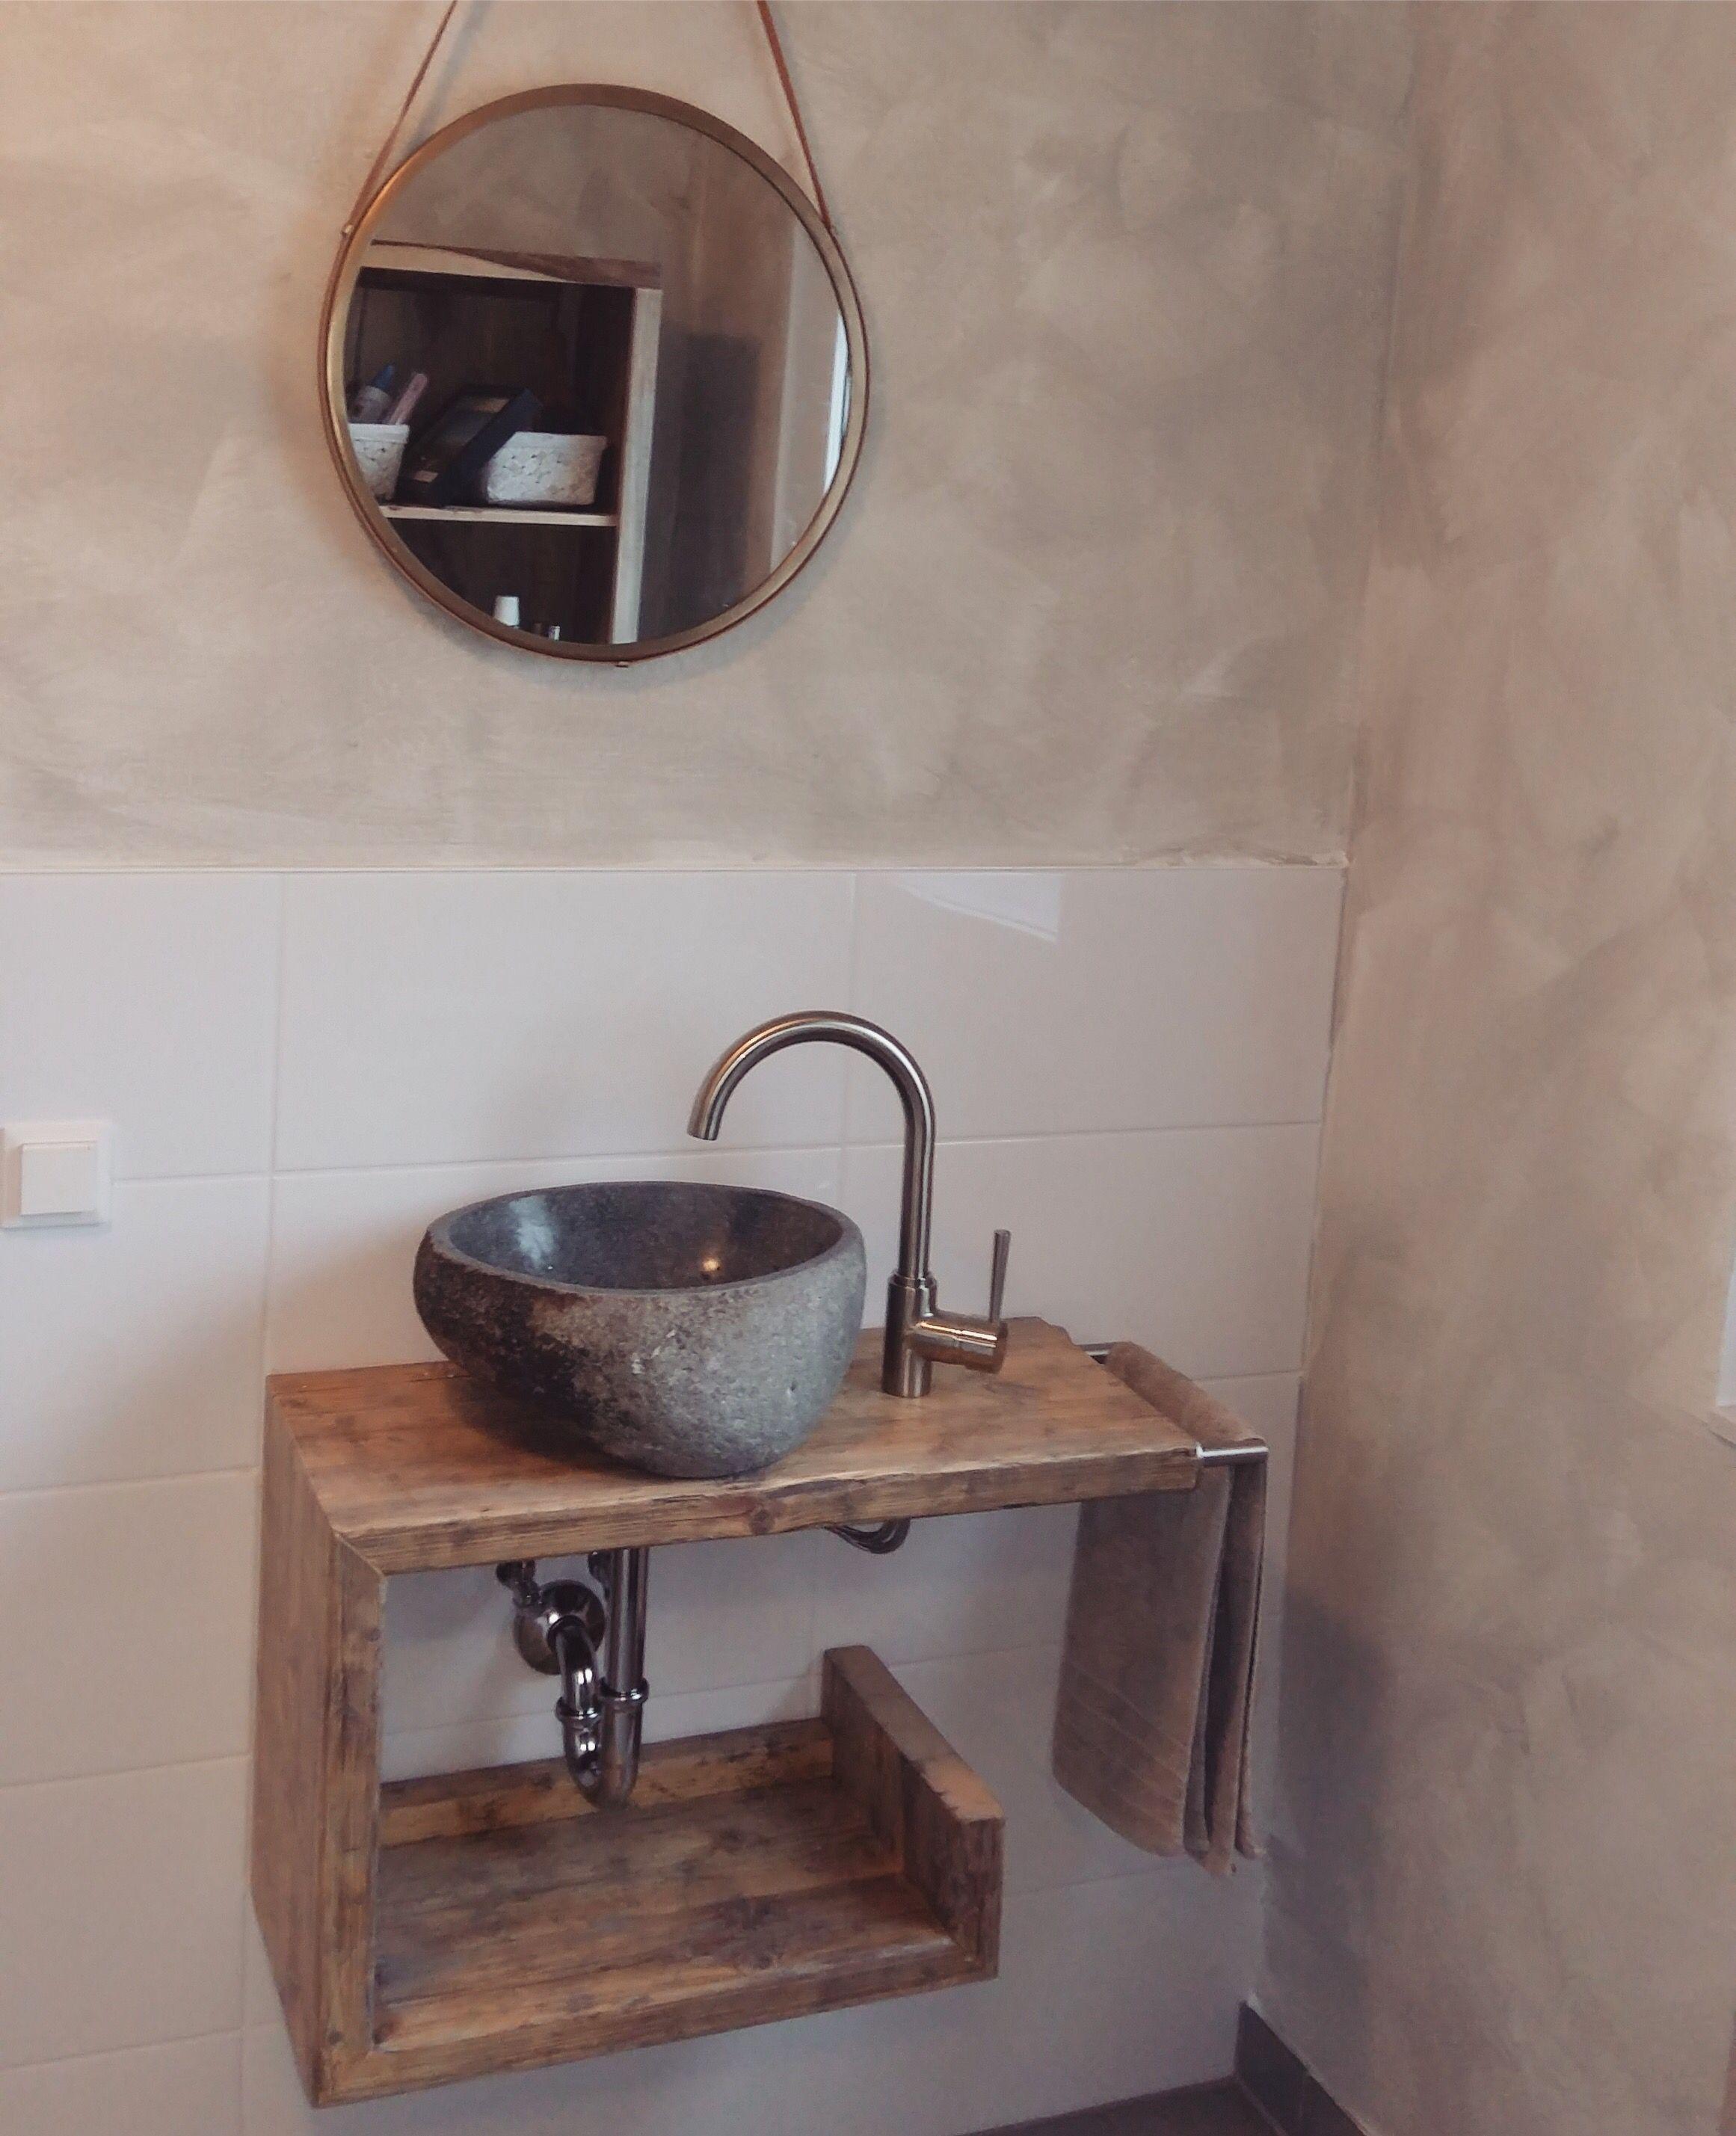 Altholz Waschtisch Waschbeckenunterschrank Steinwaschbecken Badezimmer Steinwaschbecken Altholz Waschtisch Waschbeckenunterschrank